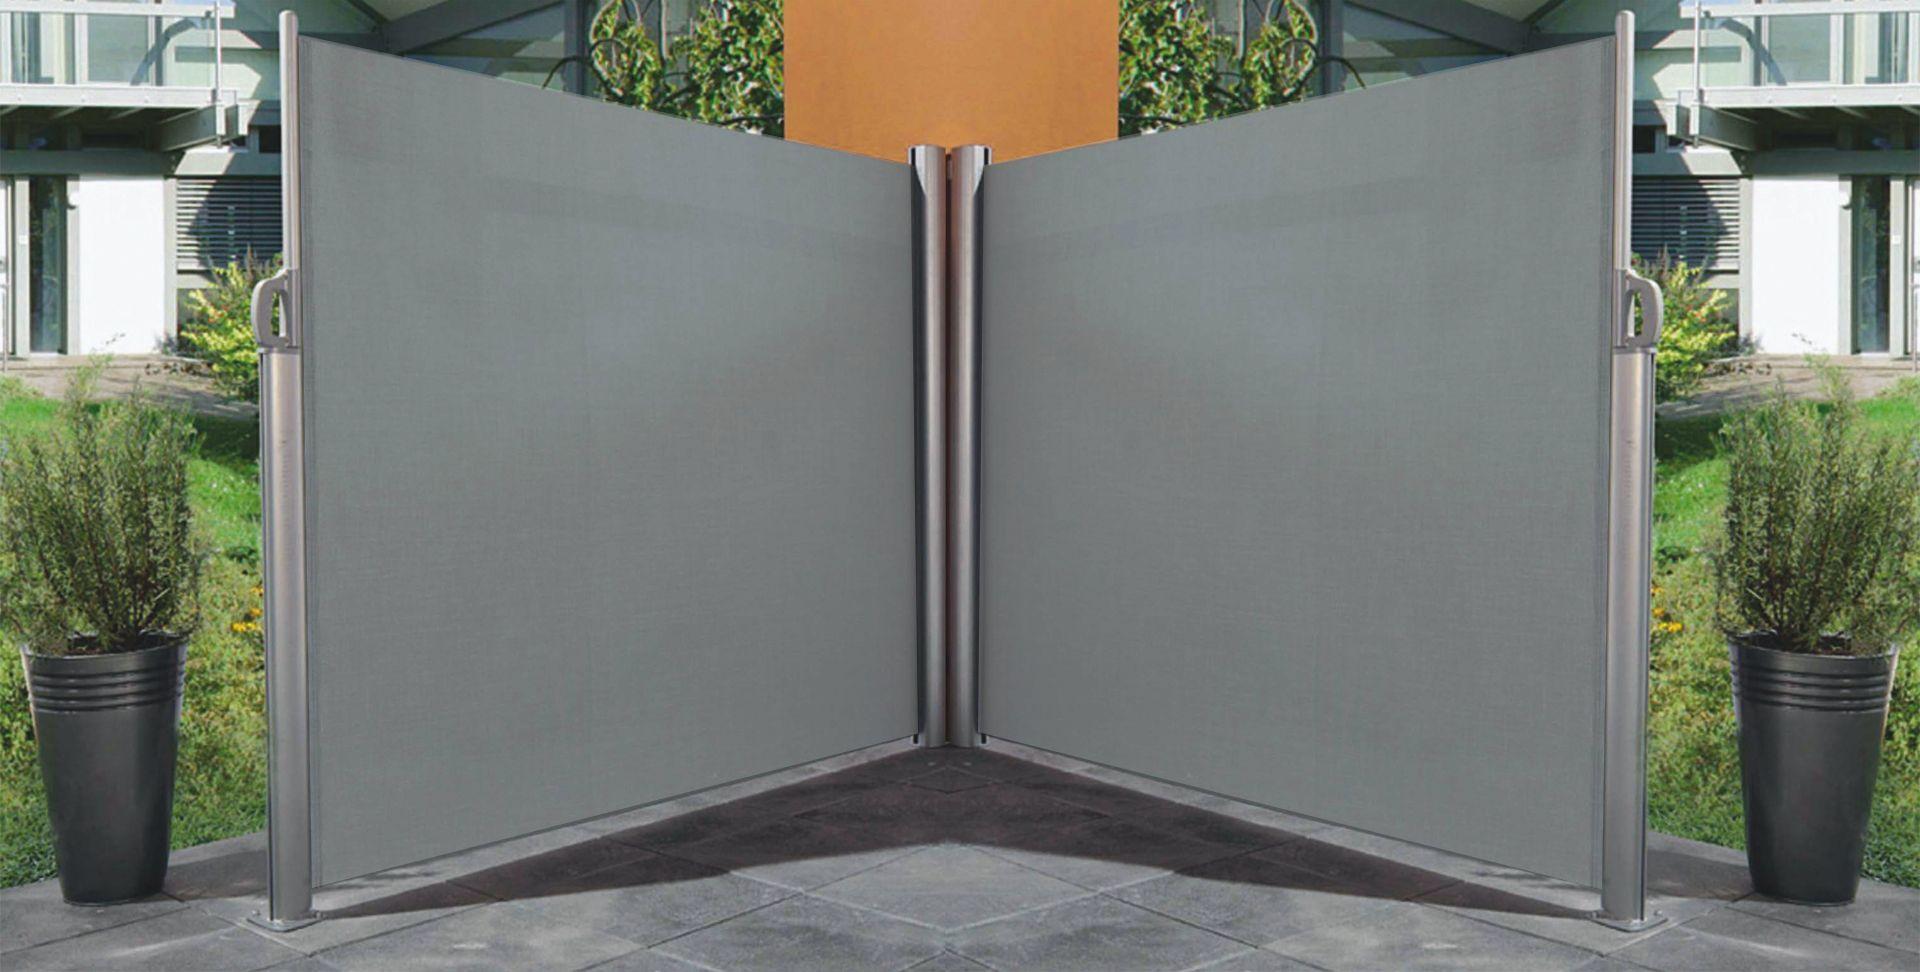 Paravent r tractable double 6 m tres ebay - Paravent pour terrasse jardin ...